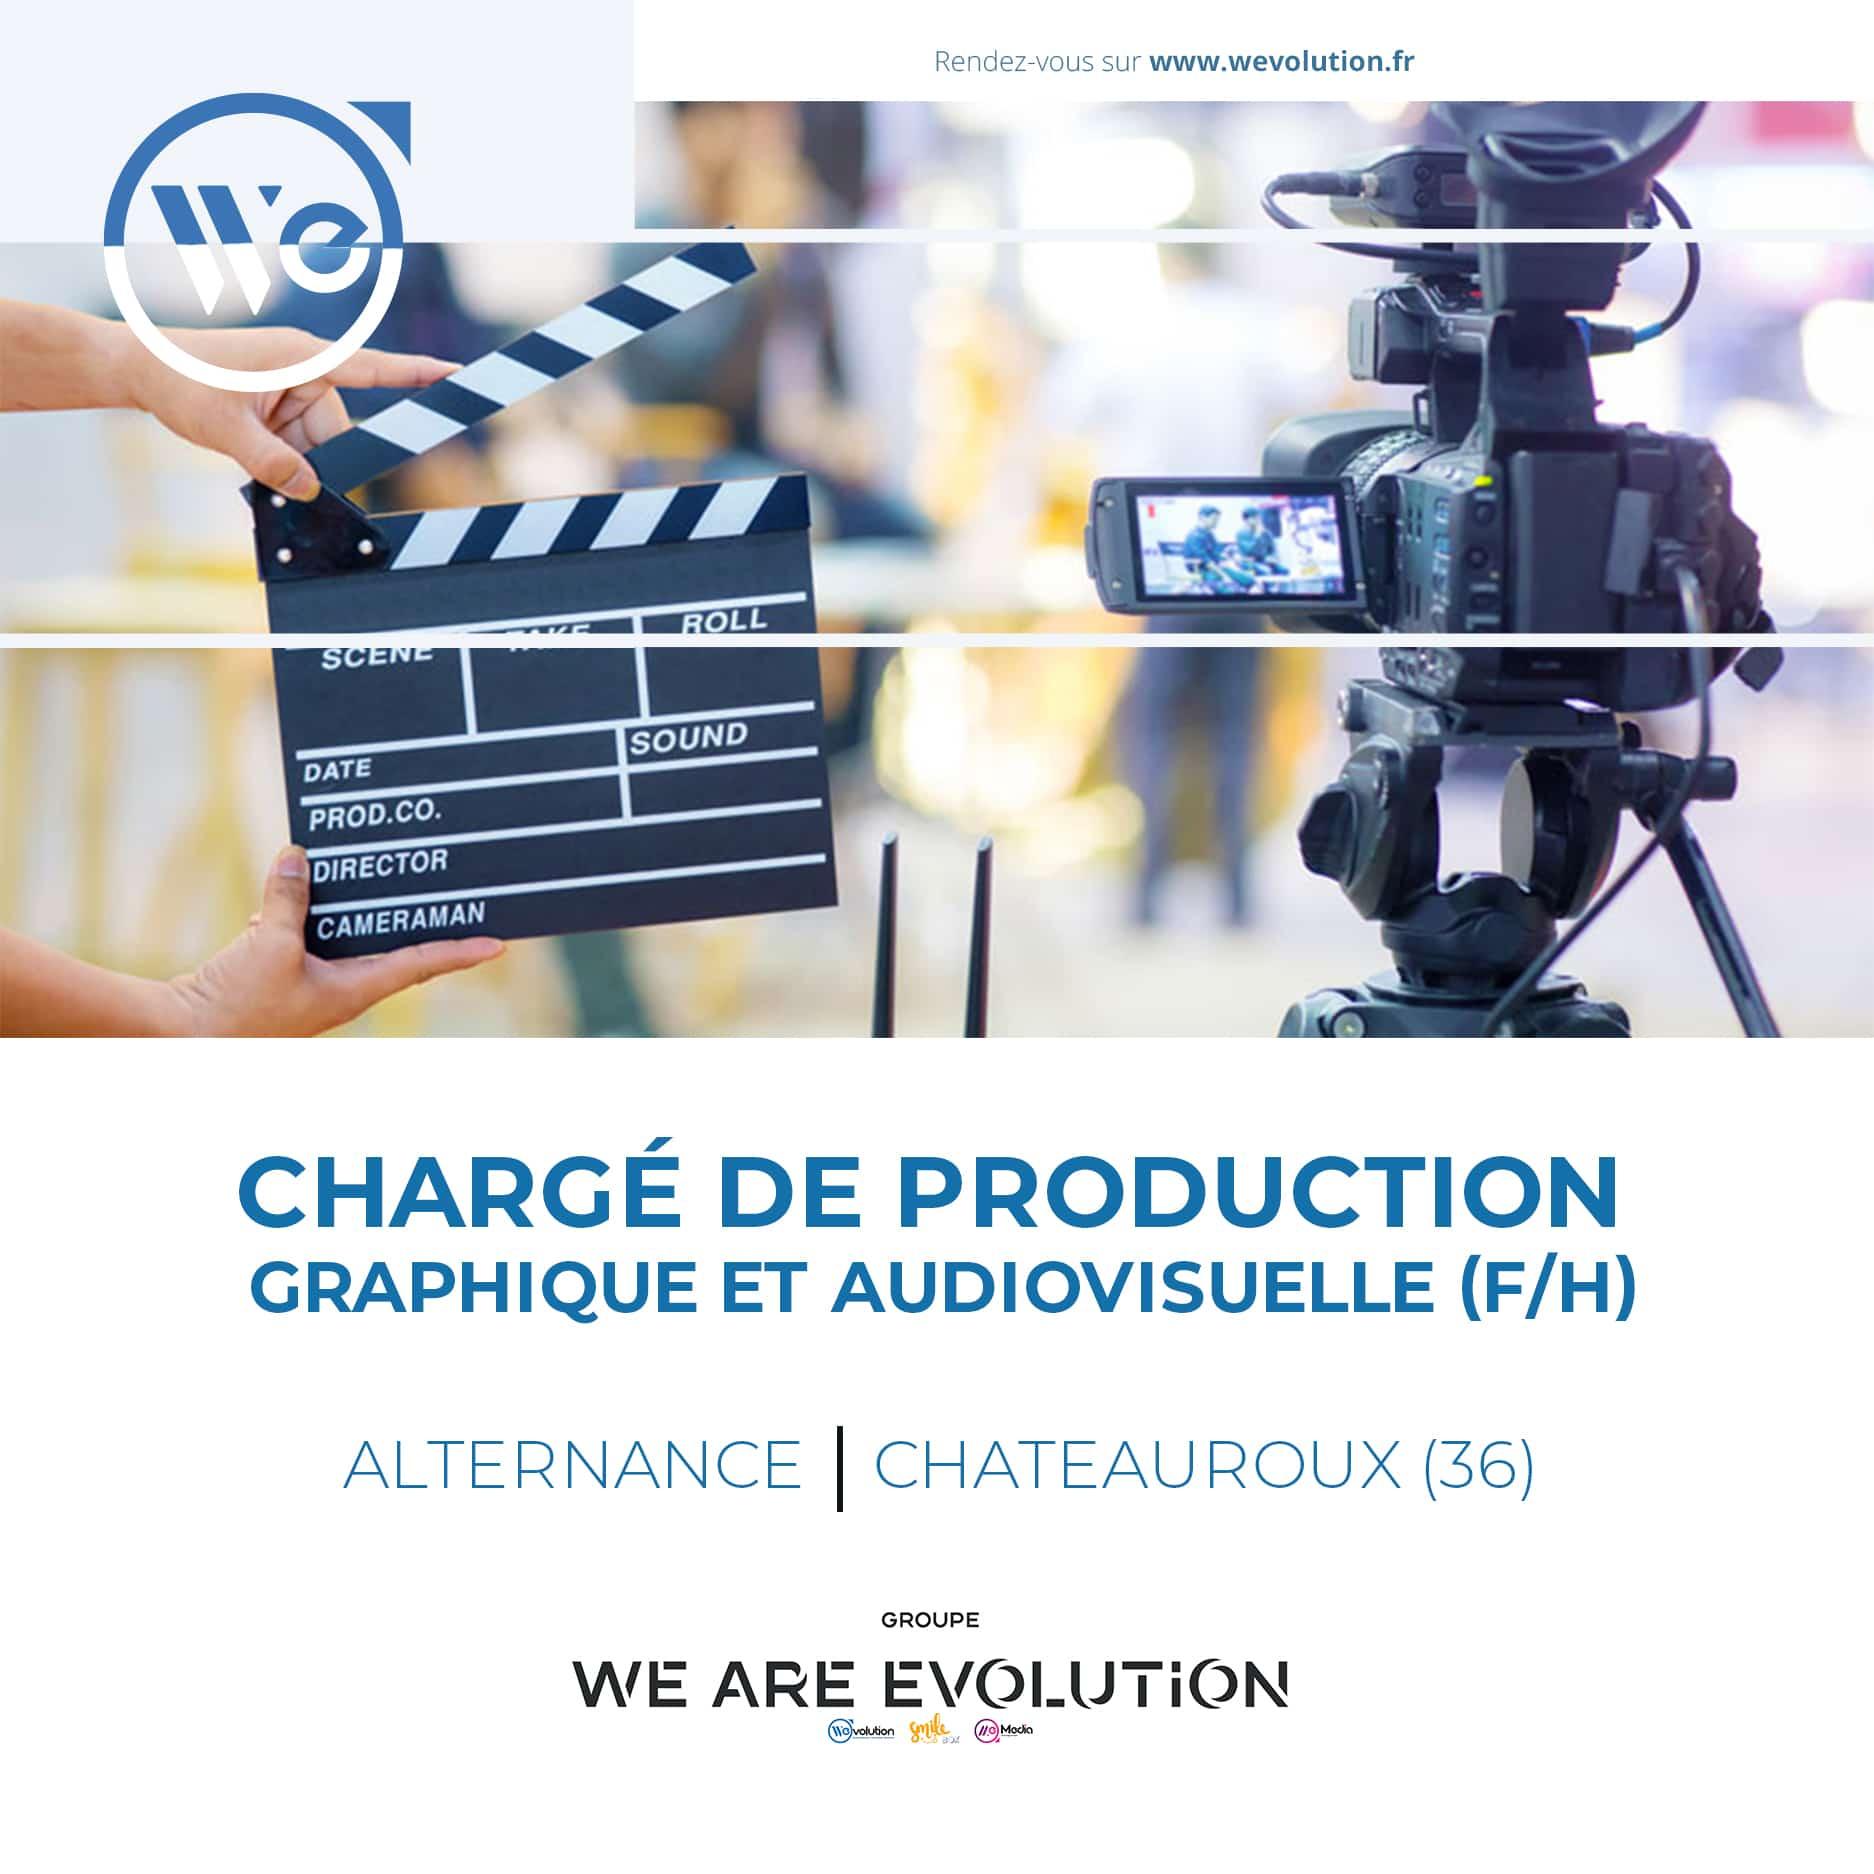 CHARGE DE PRODUCTION GRAPHIQUE & AUDIOVISUELLE (F/H)